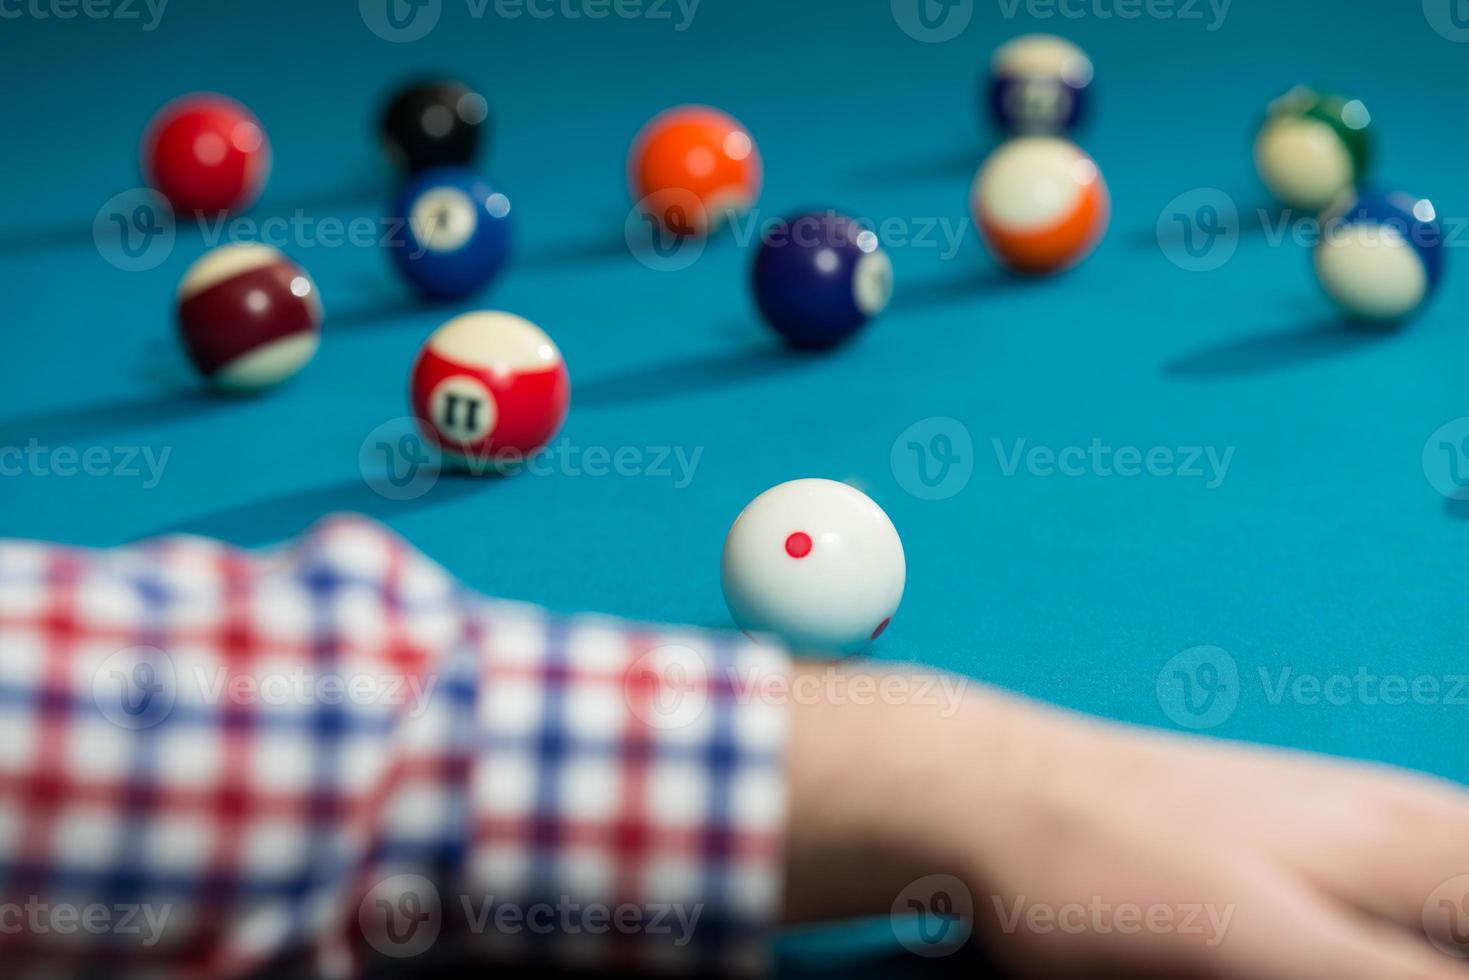 fodera uomo per colpire la palla sul tavolo da biliardo foto